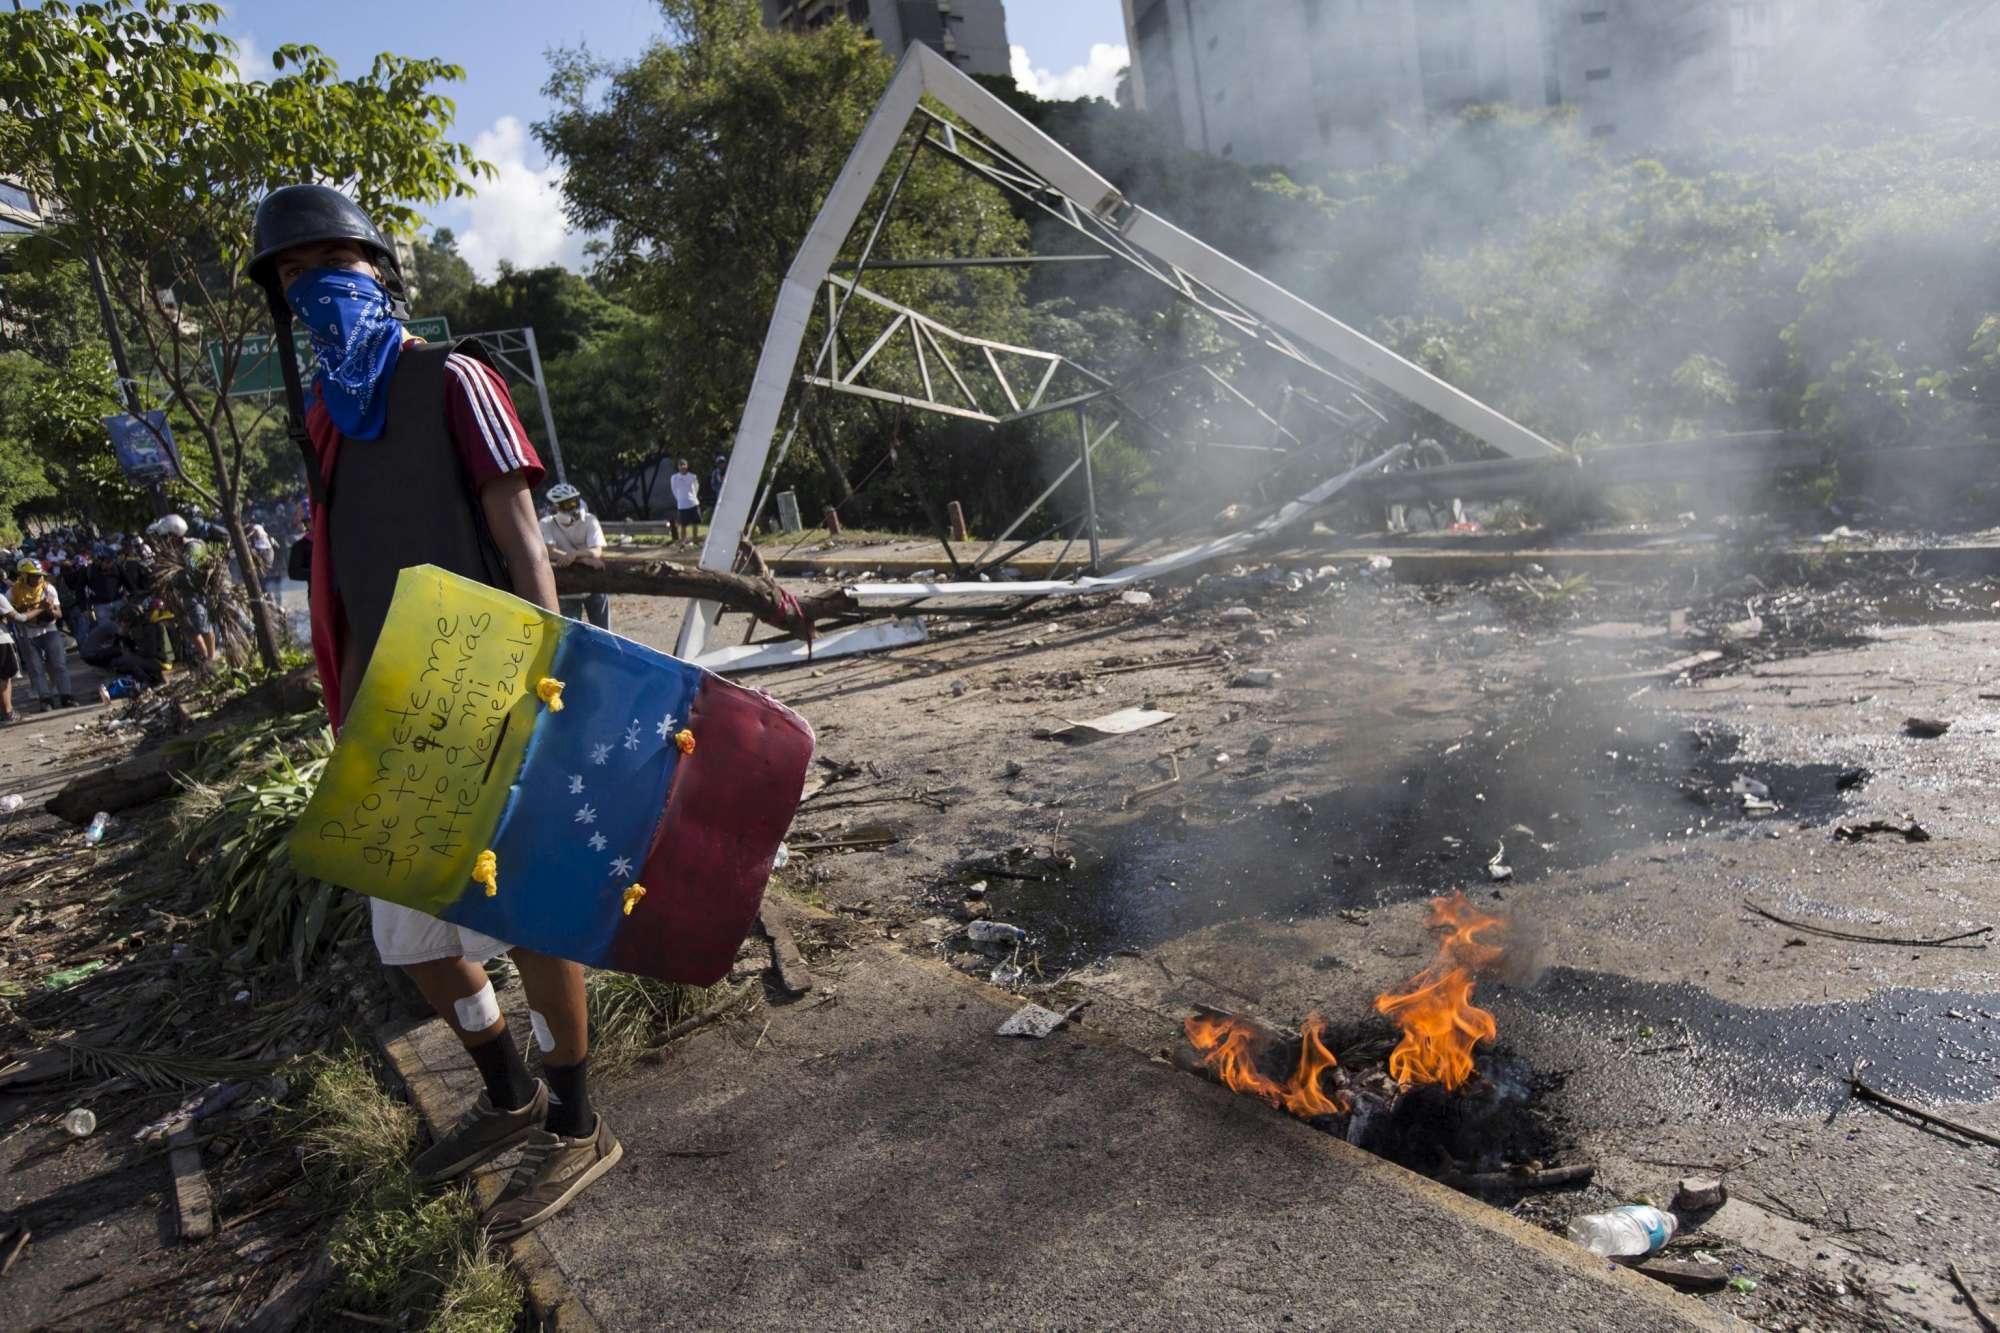 Venezuela al voto tra le proteste: scontri e morti